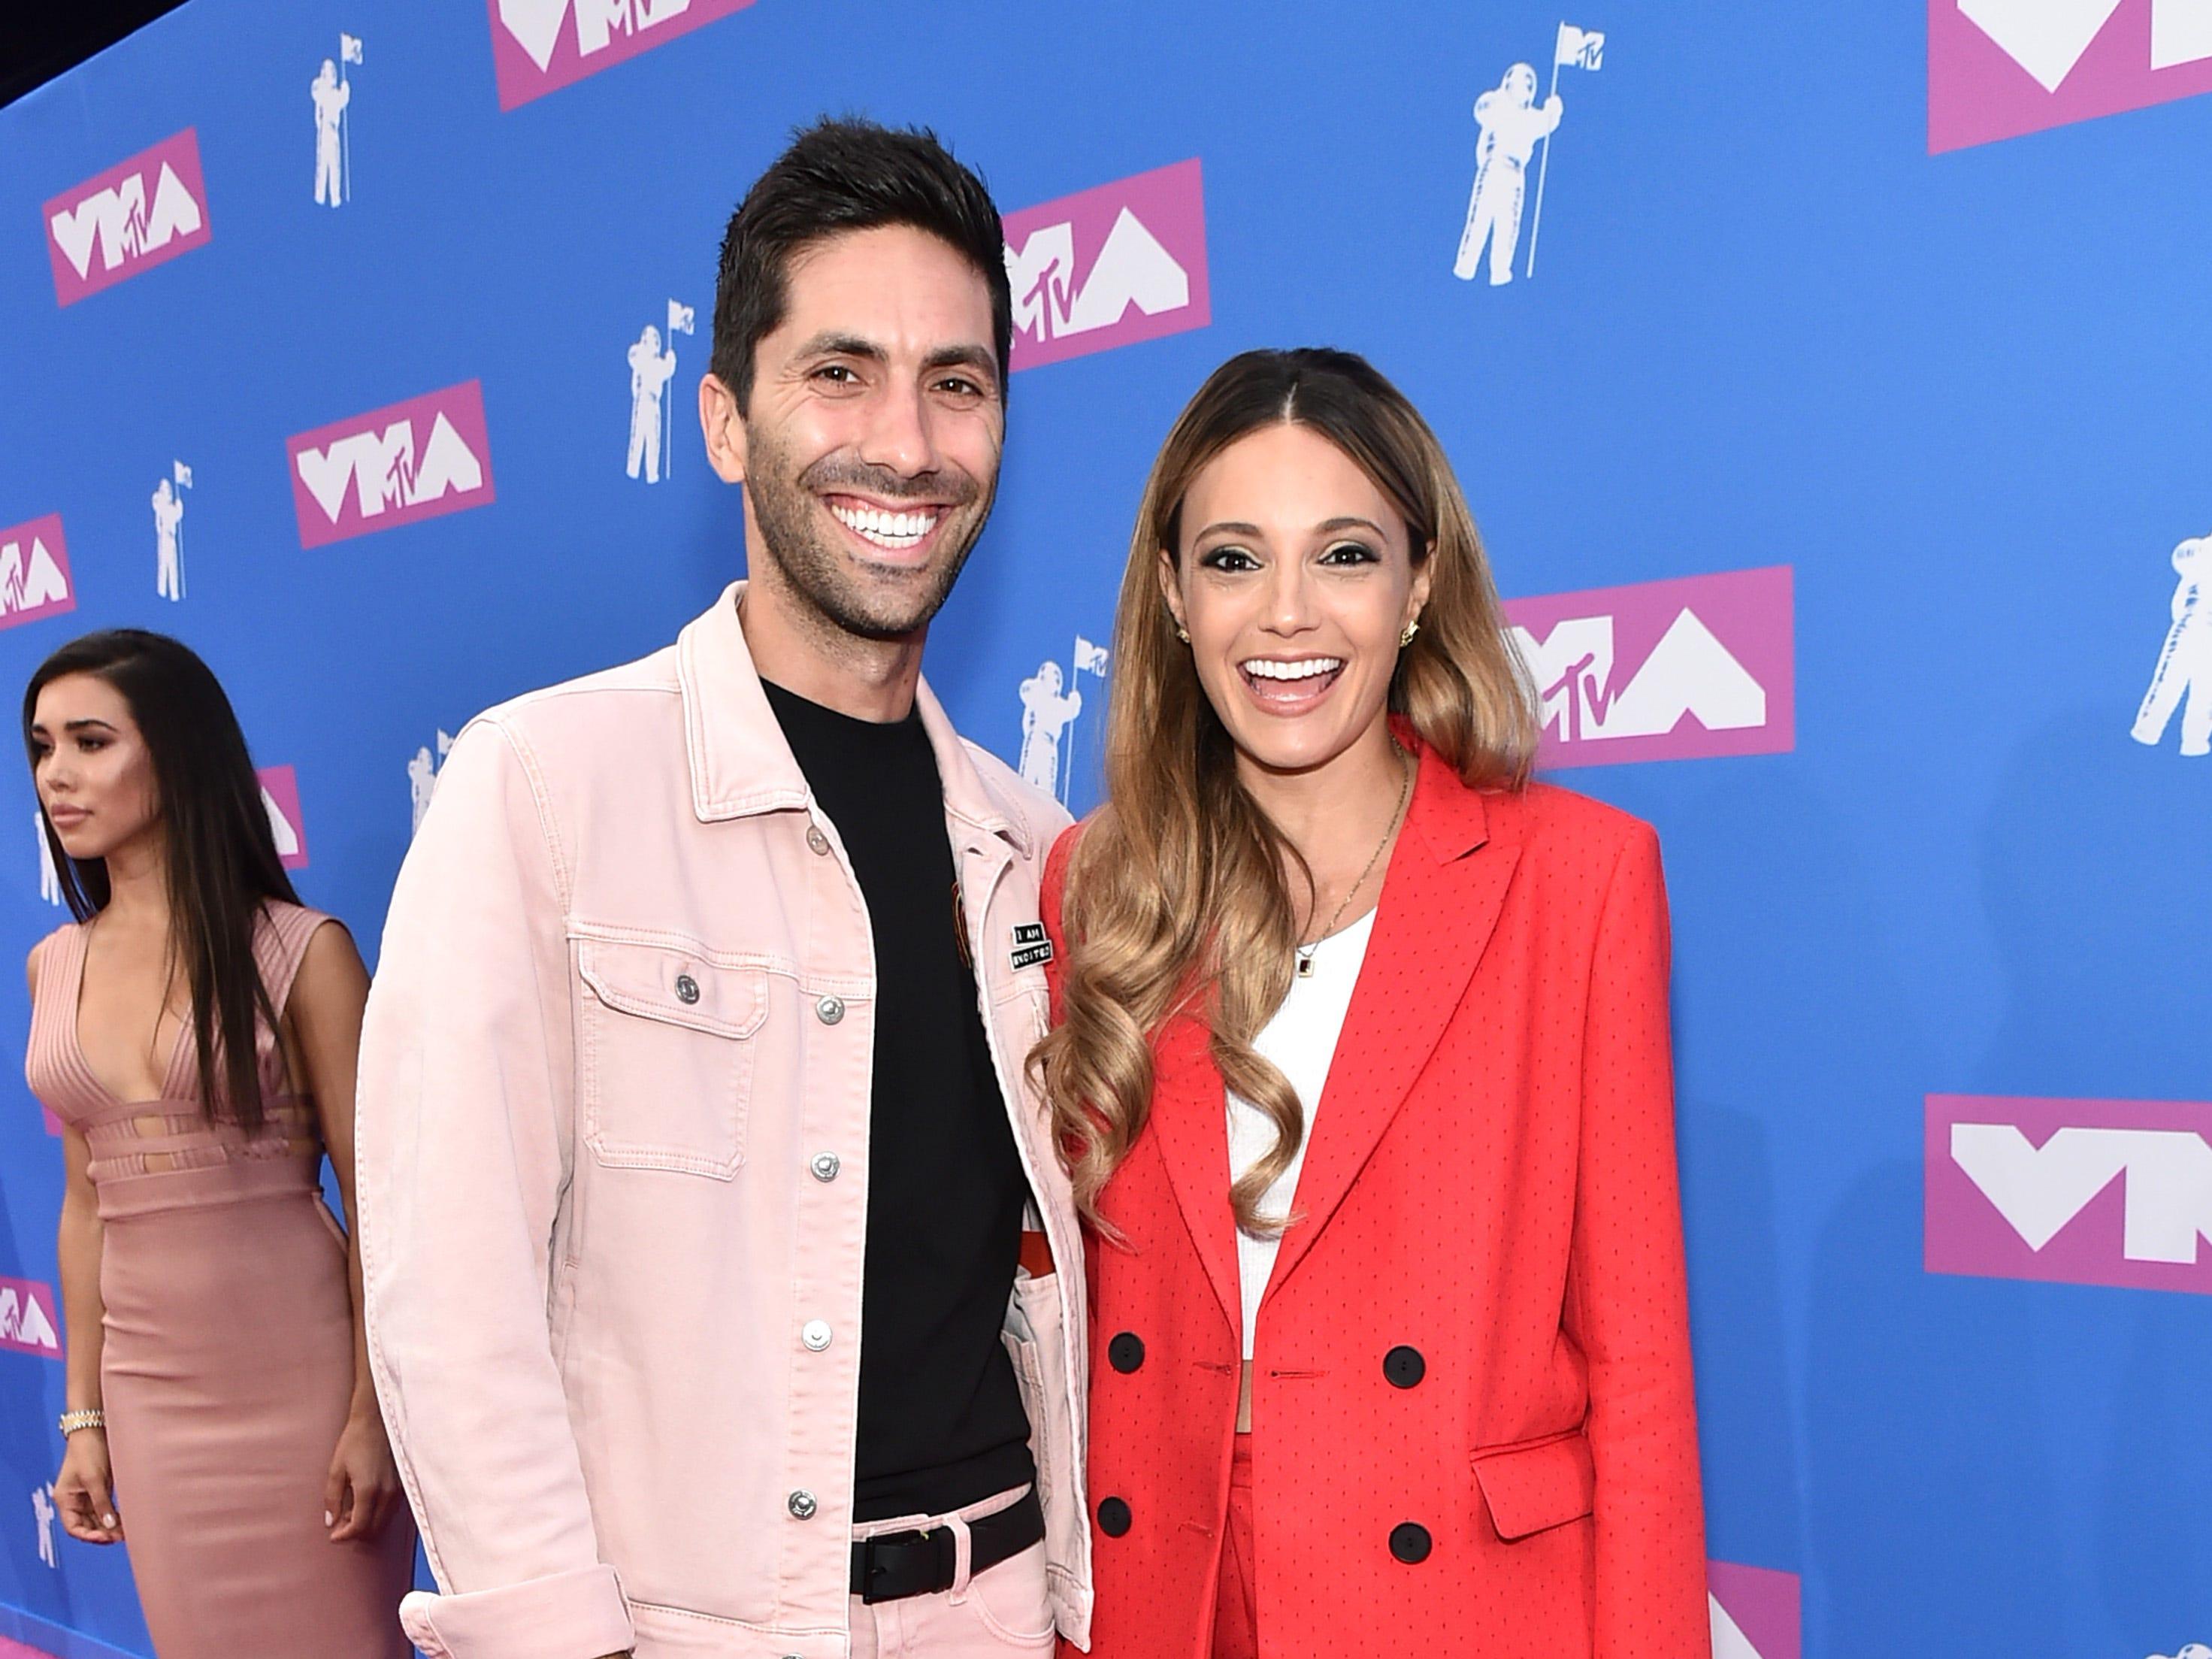 Nev Schulman y Laura Perlongo asisten a los MTV Video Music Awards 2018 en el Radio City Music Hall el 20 de agosto de 2018 en la ciudad de Nueva York.